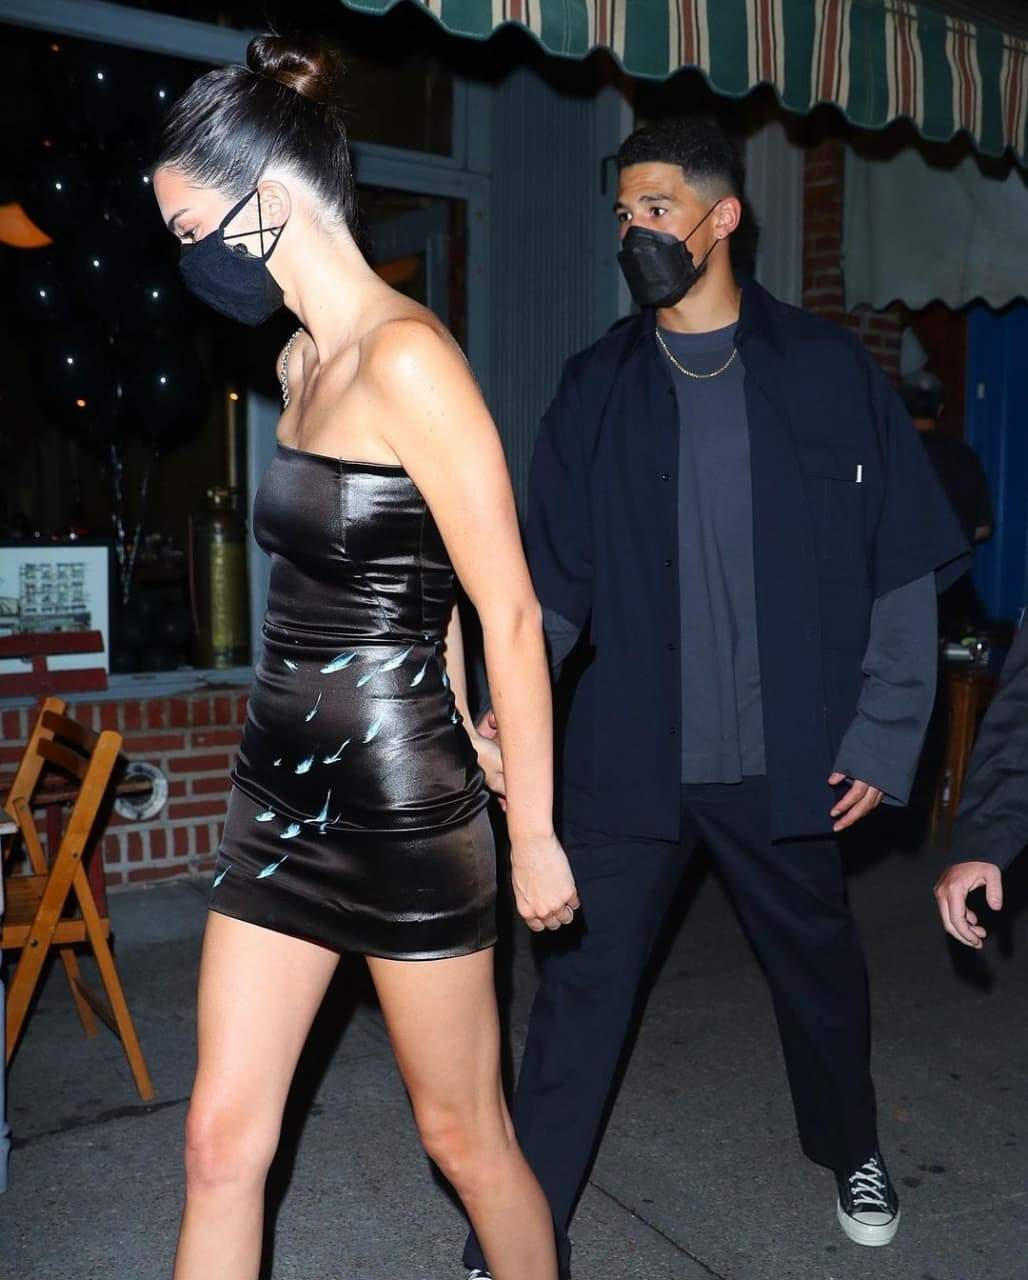 Кендалл Дженнер у чорній сукні / Фото з інстаграму Just Jared'